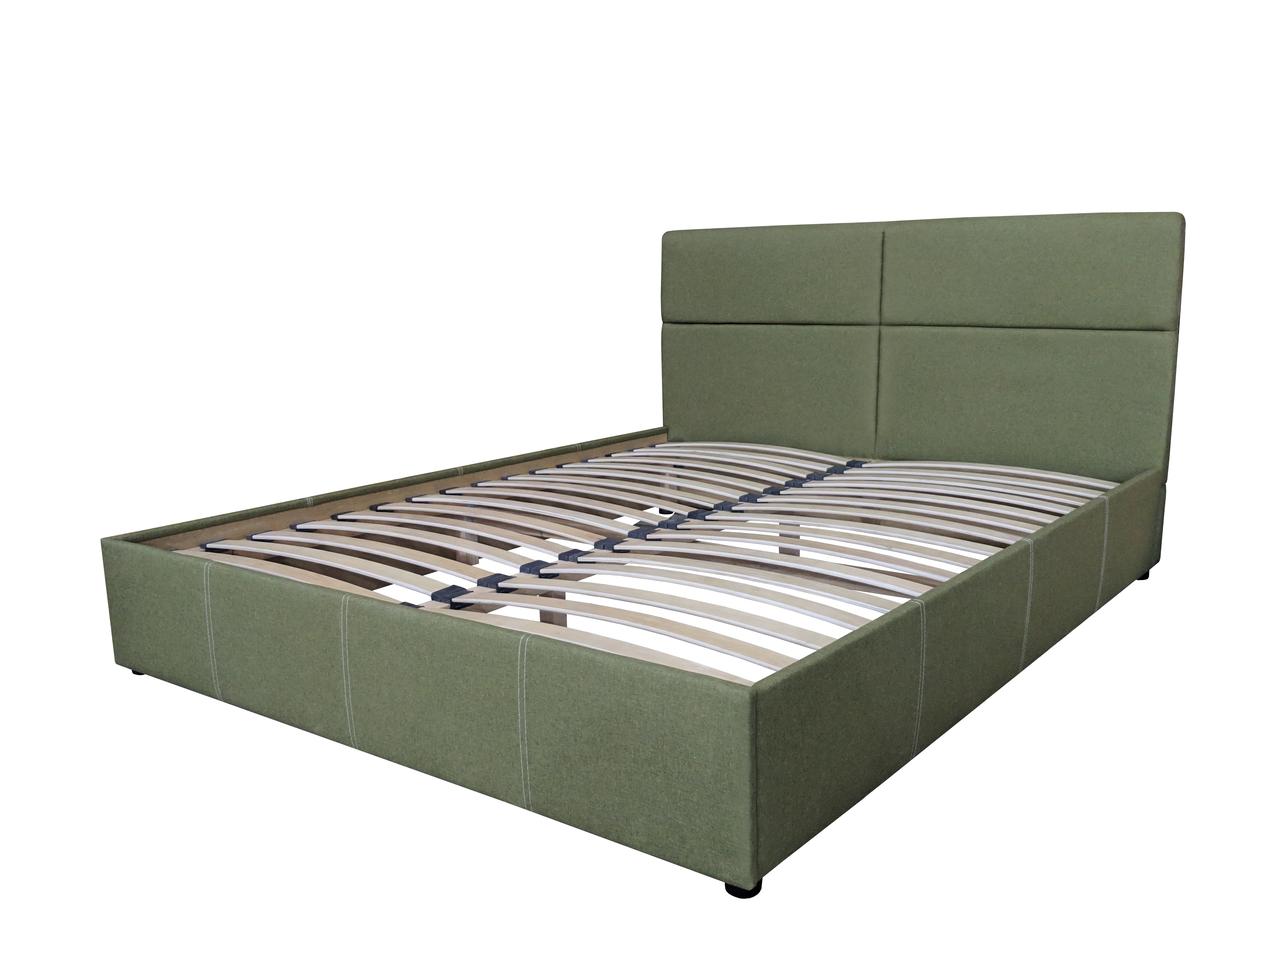 Ліжка тканинні з м'яким узголів'ям 160х200 в м'якій оббивці Бежевий Женева